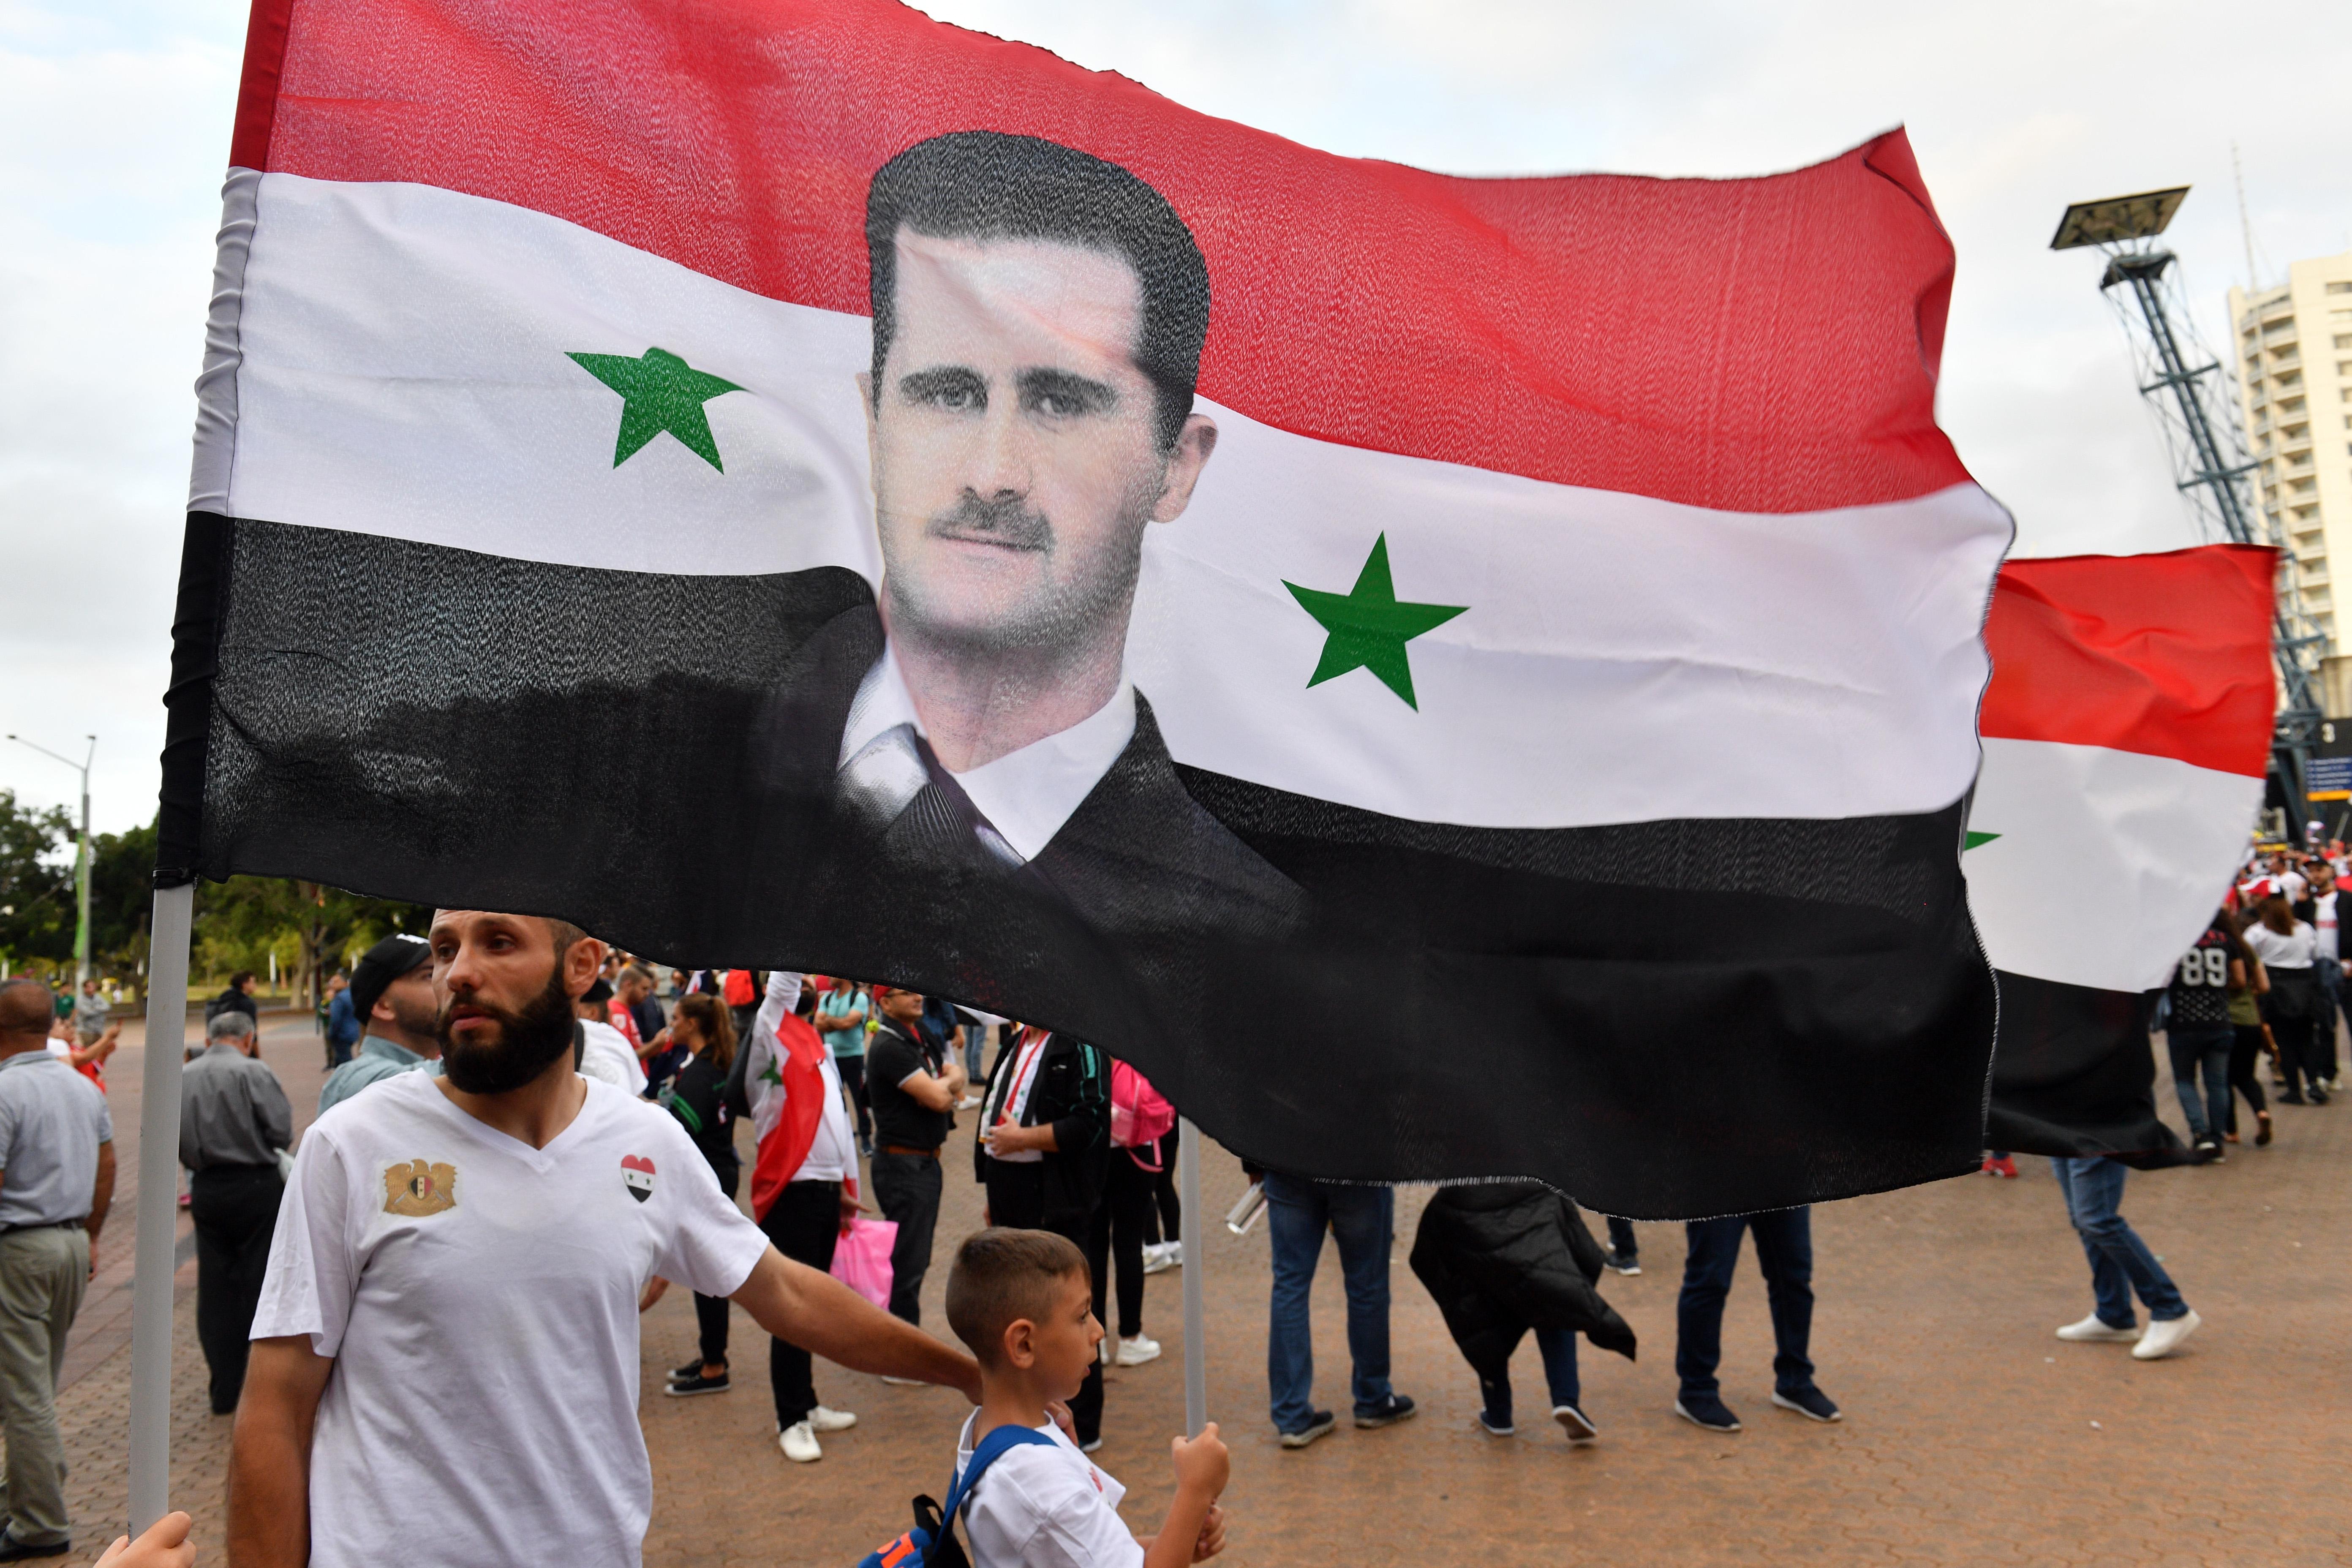 A WHO szerint tényleg vegyi fegyvereket vethetett be az Aszad-rezsim Dúmában